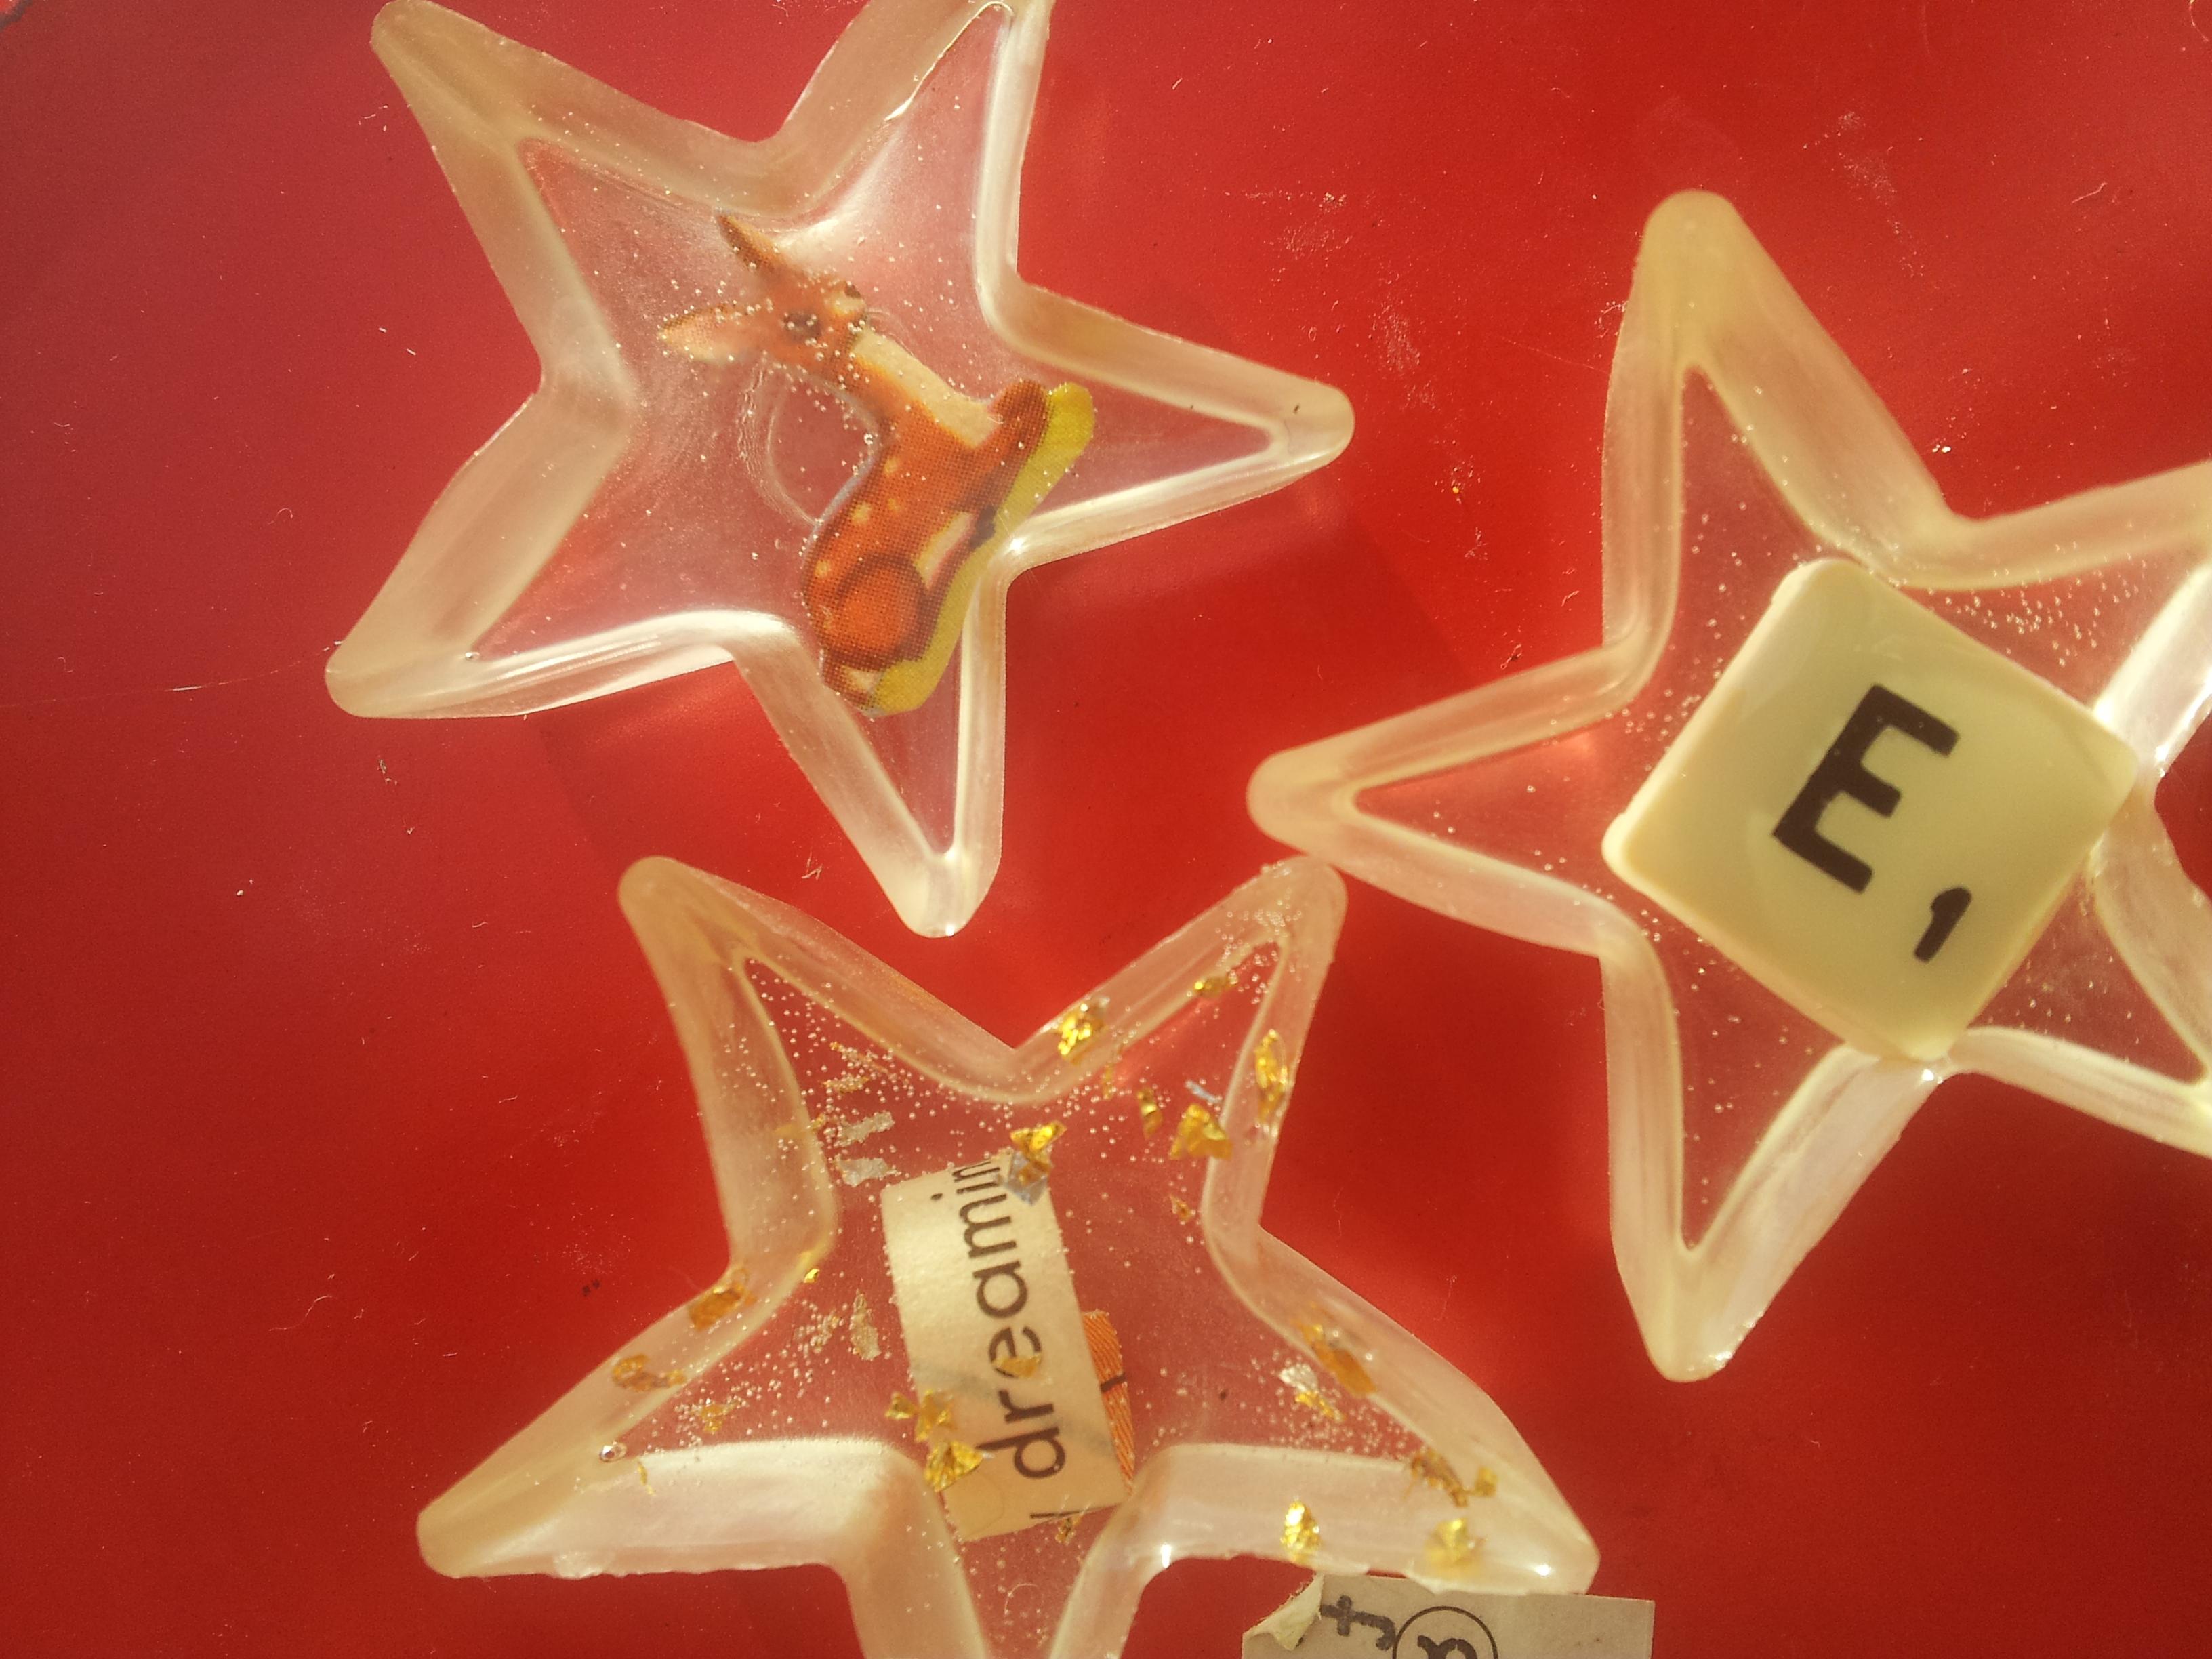 handmade resin stars